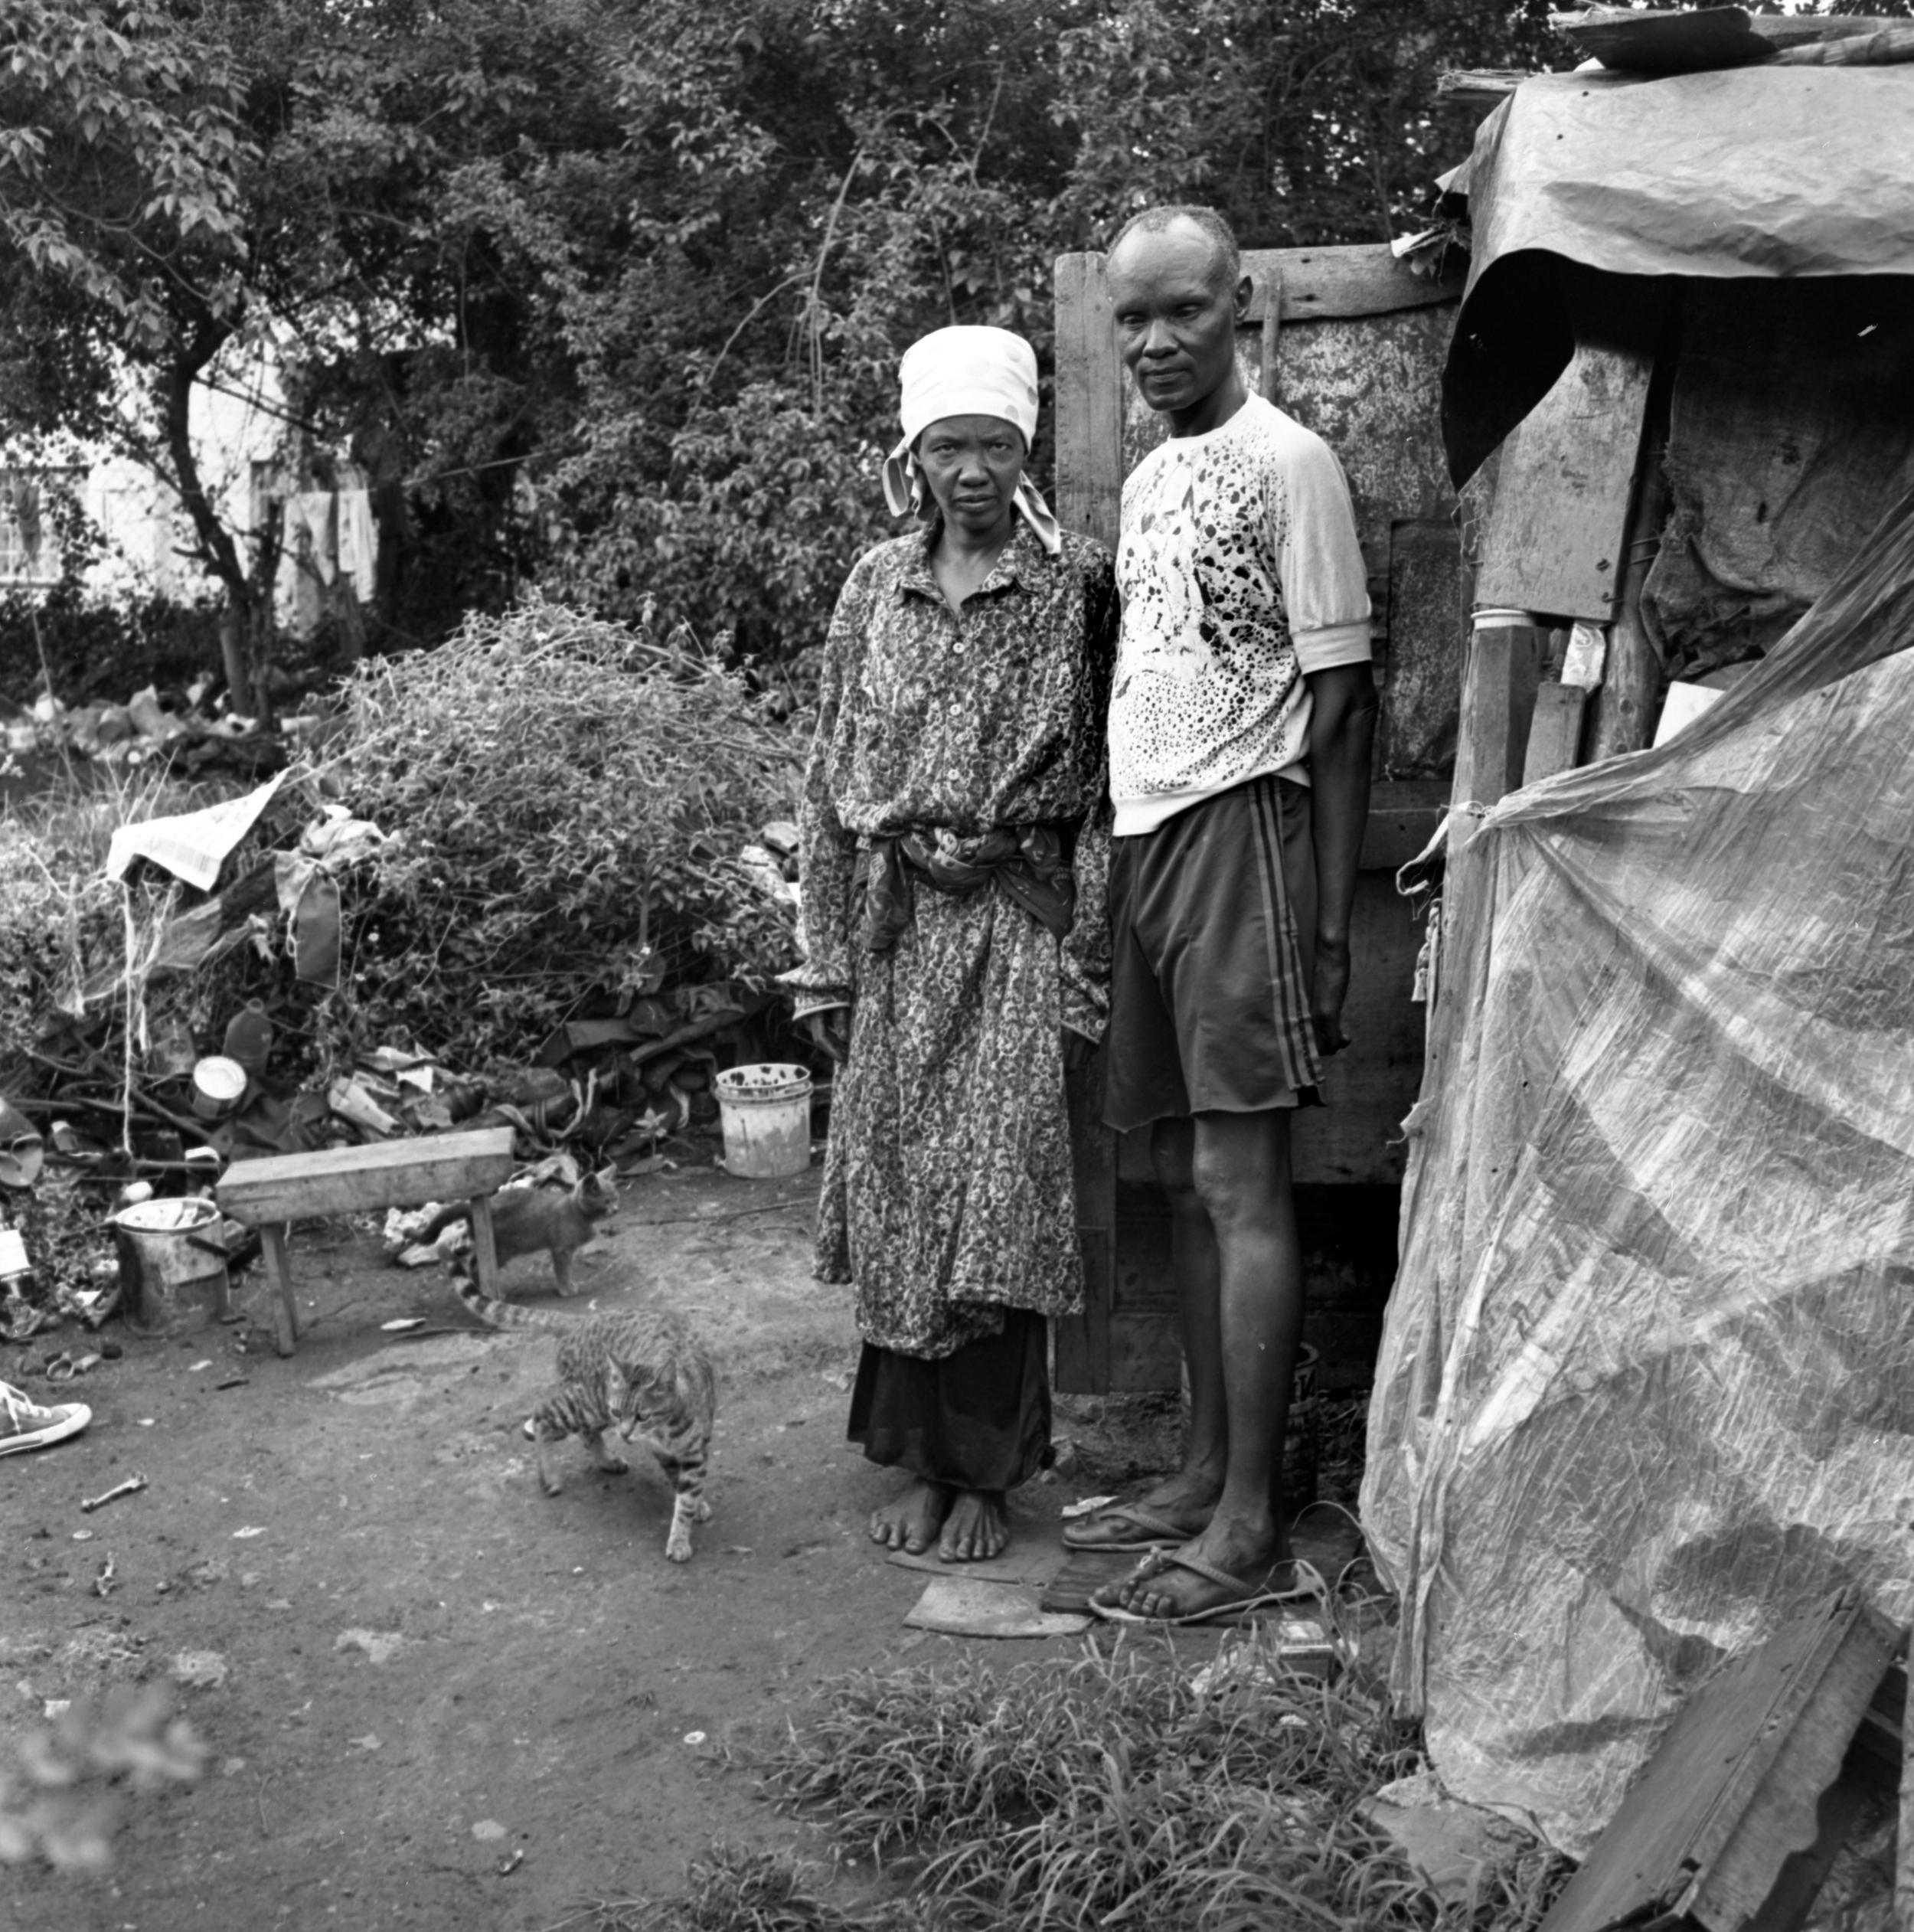 Chege and Nyambura